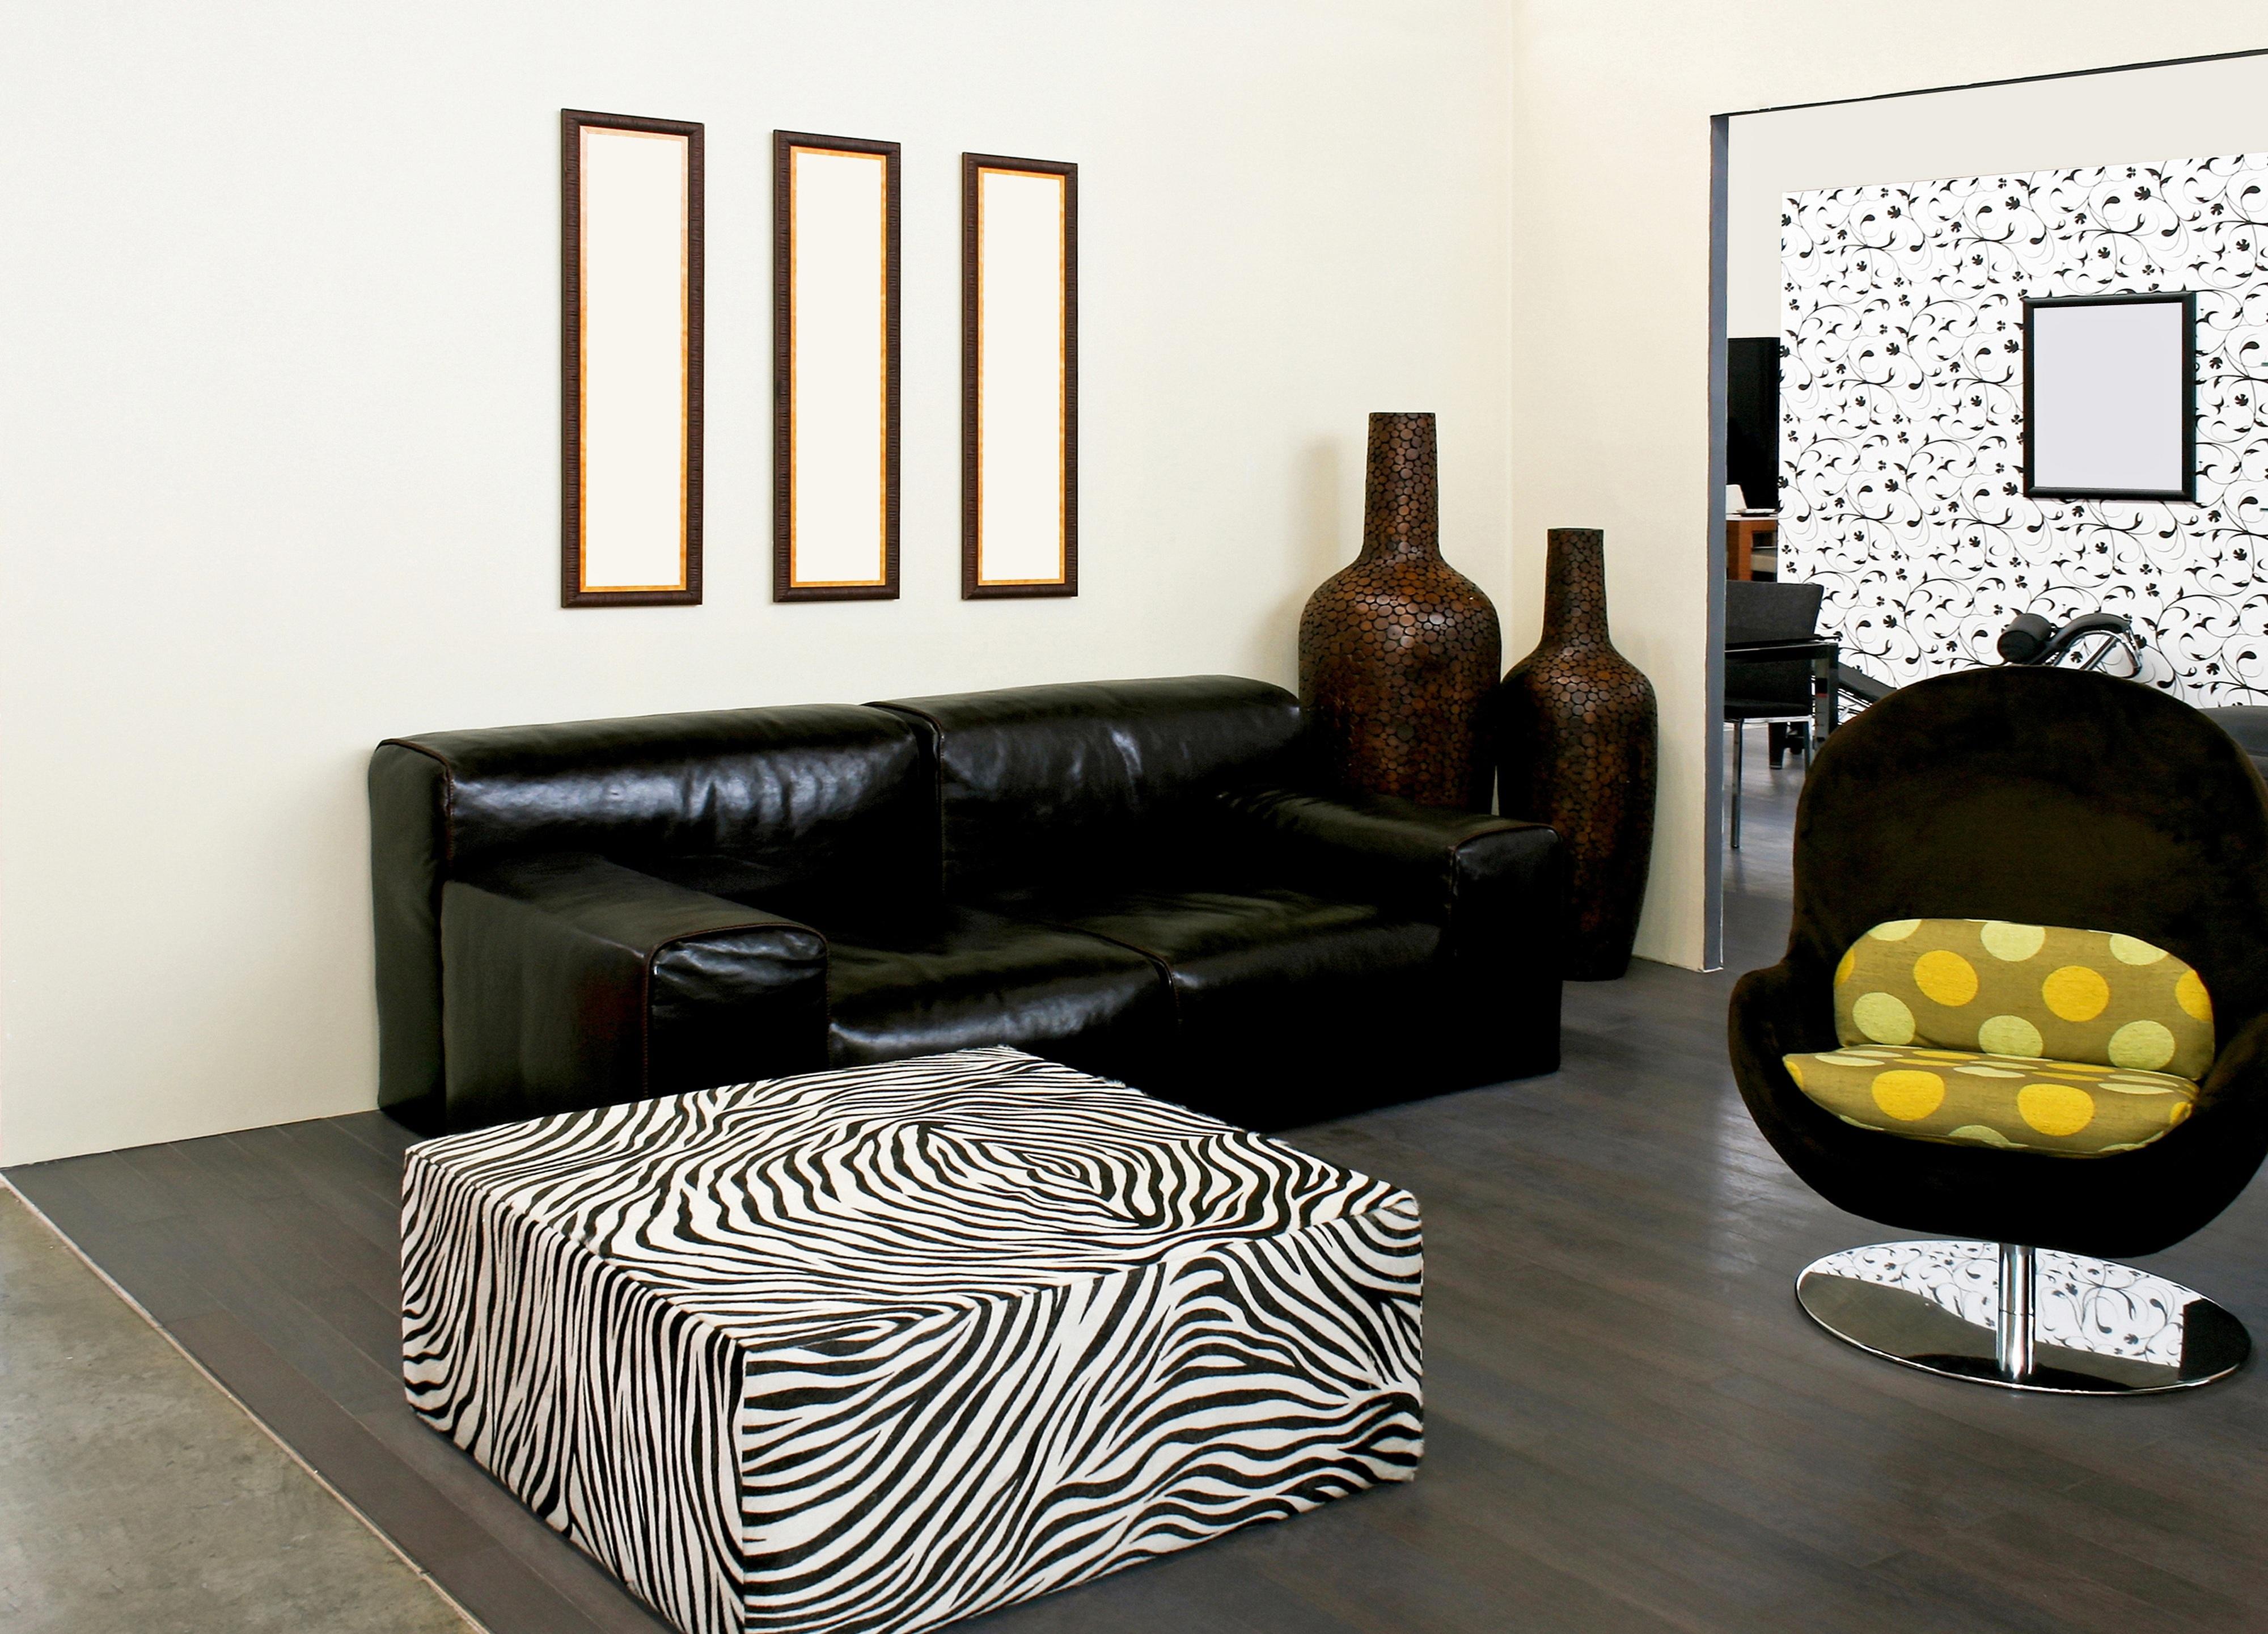 В мебели акцент на простые, немного грубоватые формы.